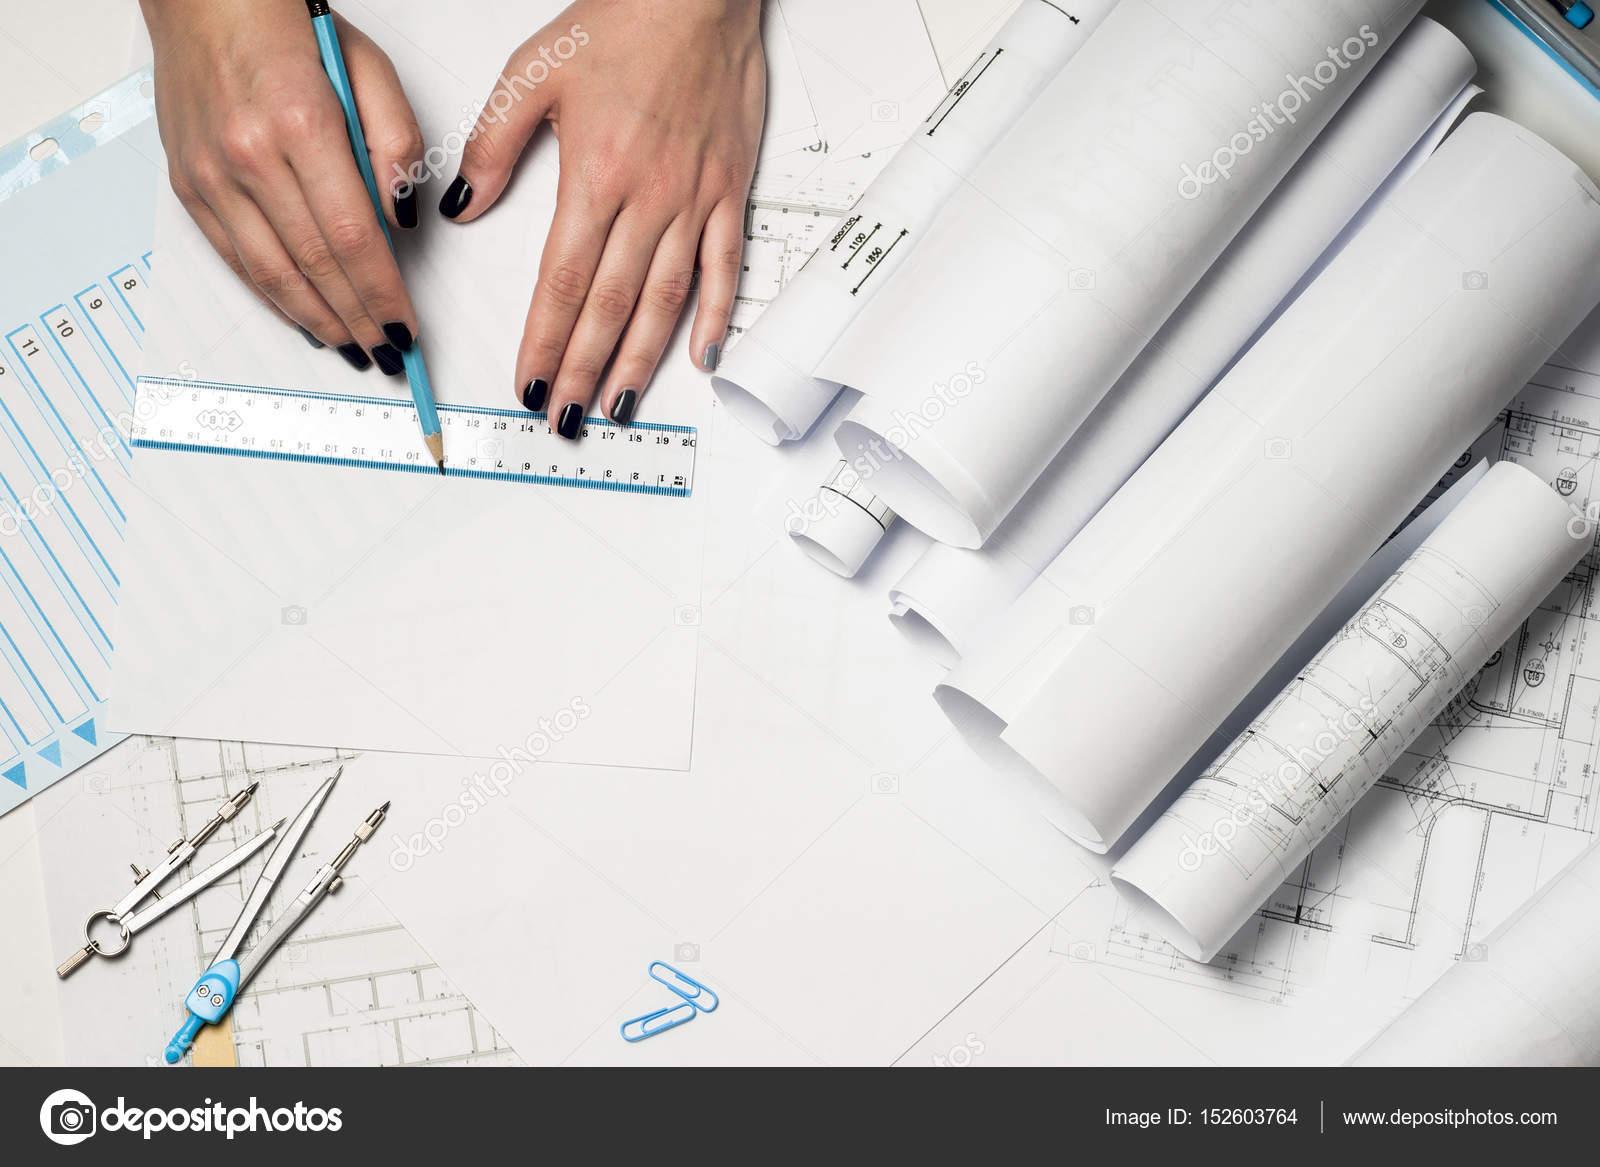 Delightful Architekten Arbeiten Auf Entwurf. Architekten Arbeitsplatz    Architekturprojekt, Baupläne, Lineal Und Teiler Kompass. Baukonzept.  Engineering Tools.